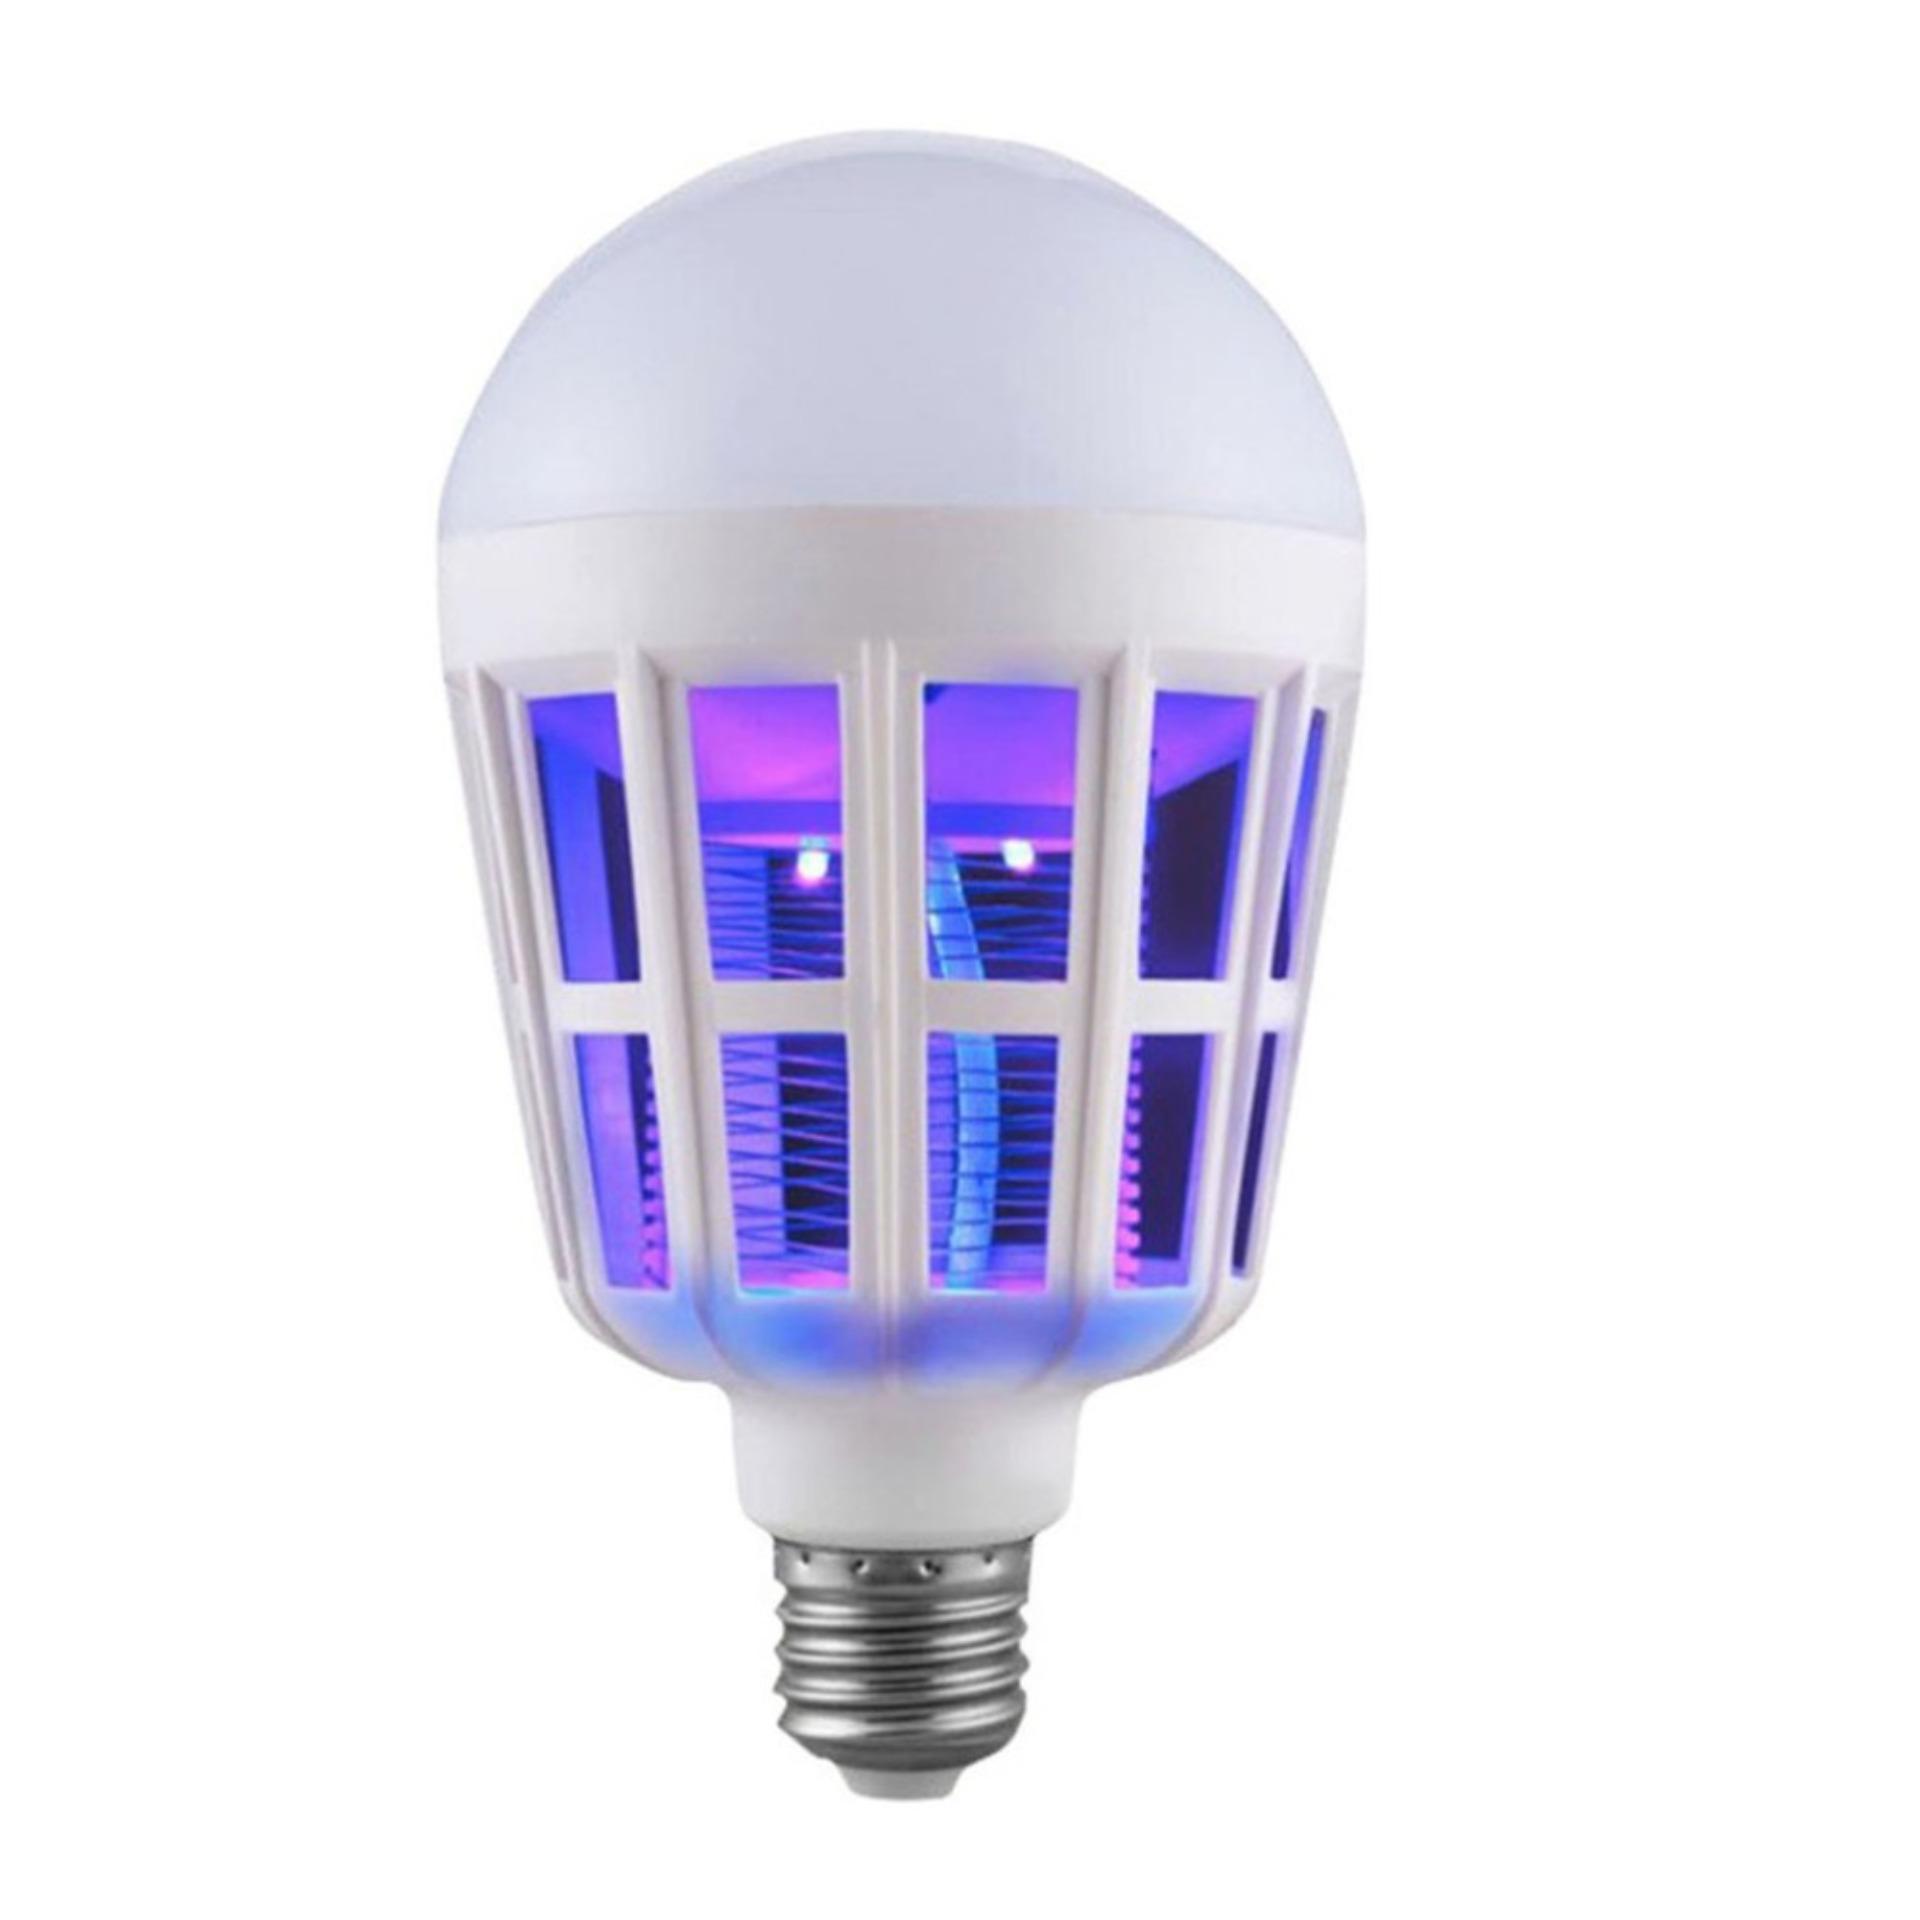 Hình ảnh Bóng đèn led chiếu sáng kiêm đèn bắt muỗi và côn trùng / đuổi muỗi diệt muỗi